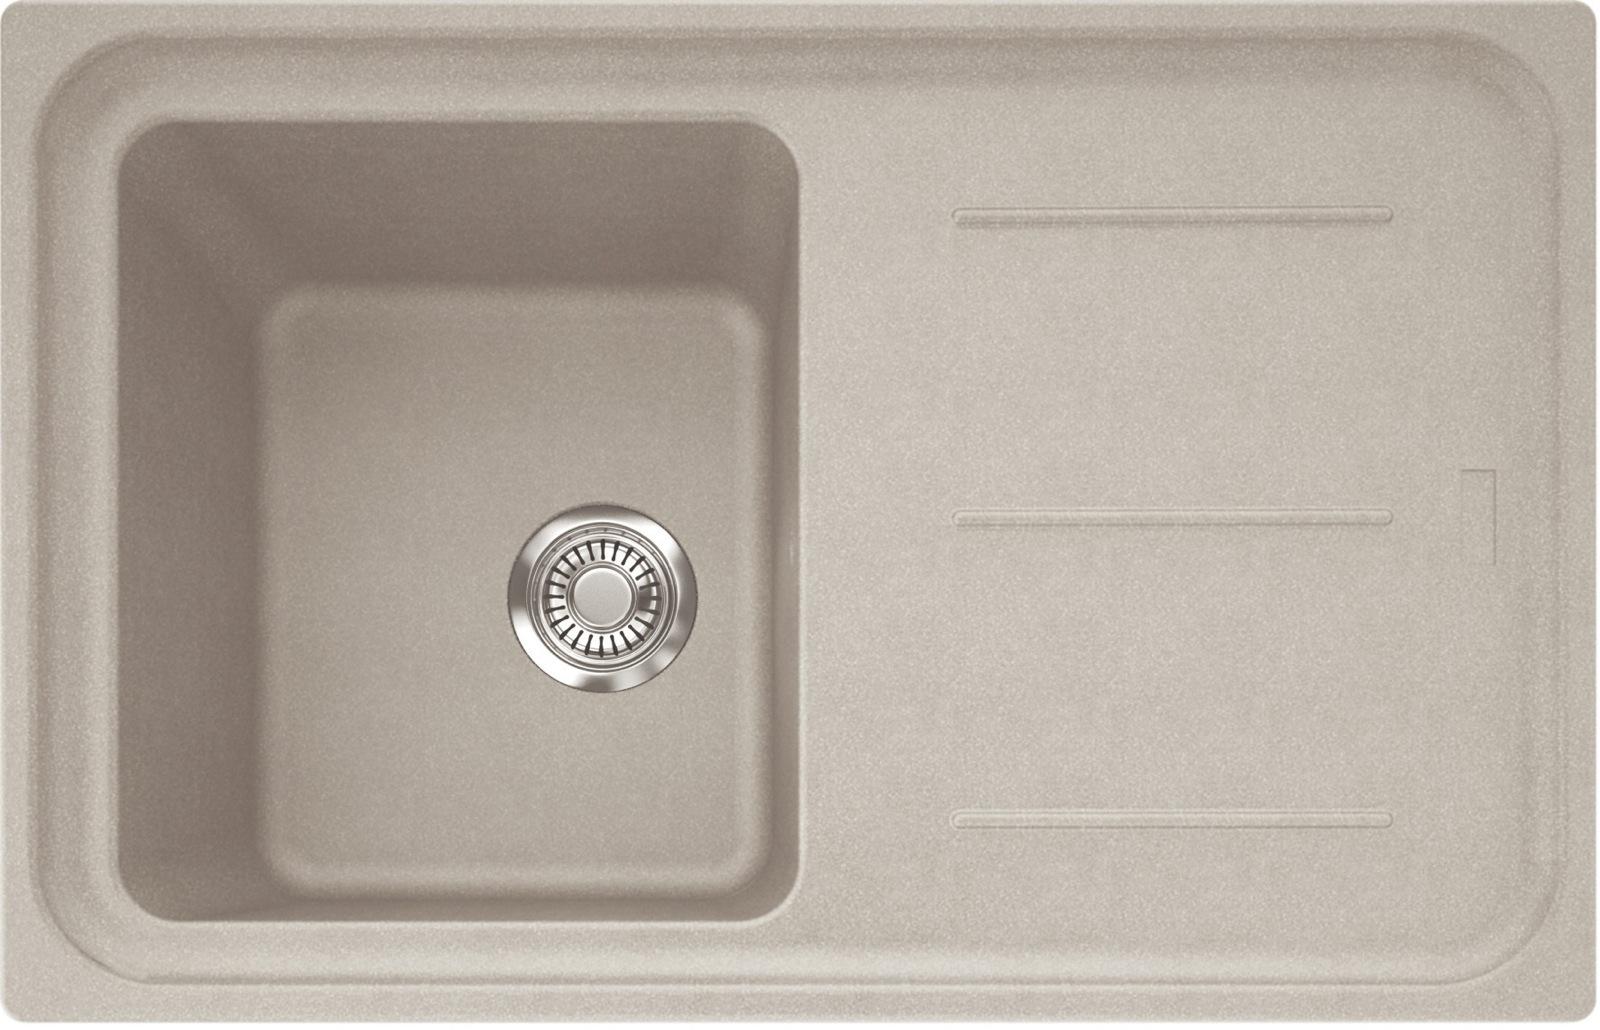 Chiuveta fragranite Franke Impact IMG 611 reversibila 780x500 tehnologie Sanitized Sahara